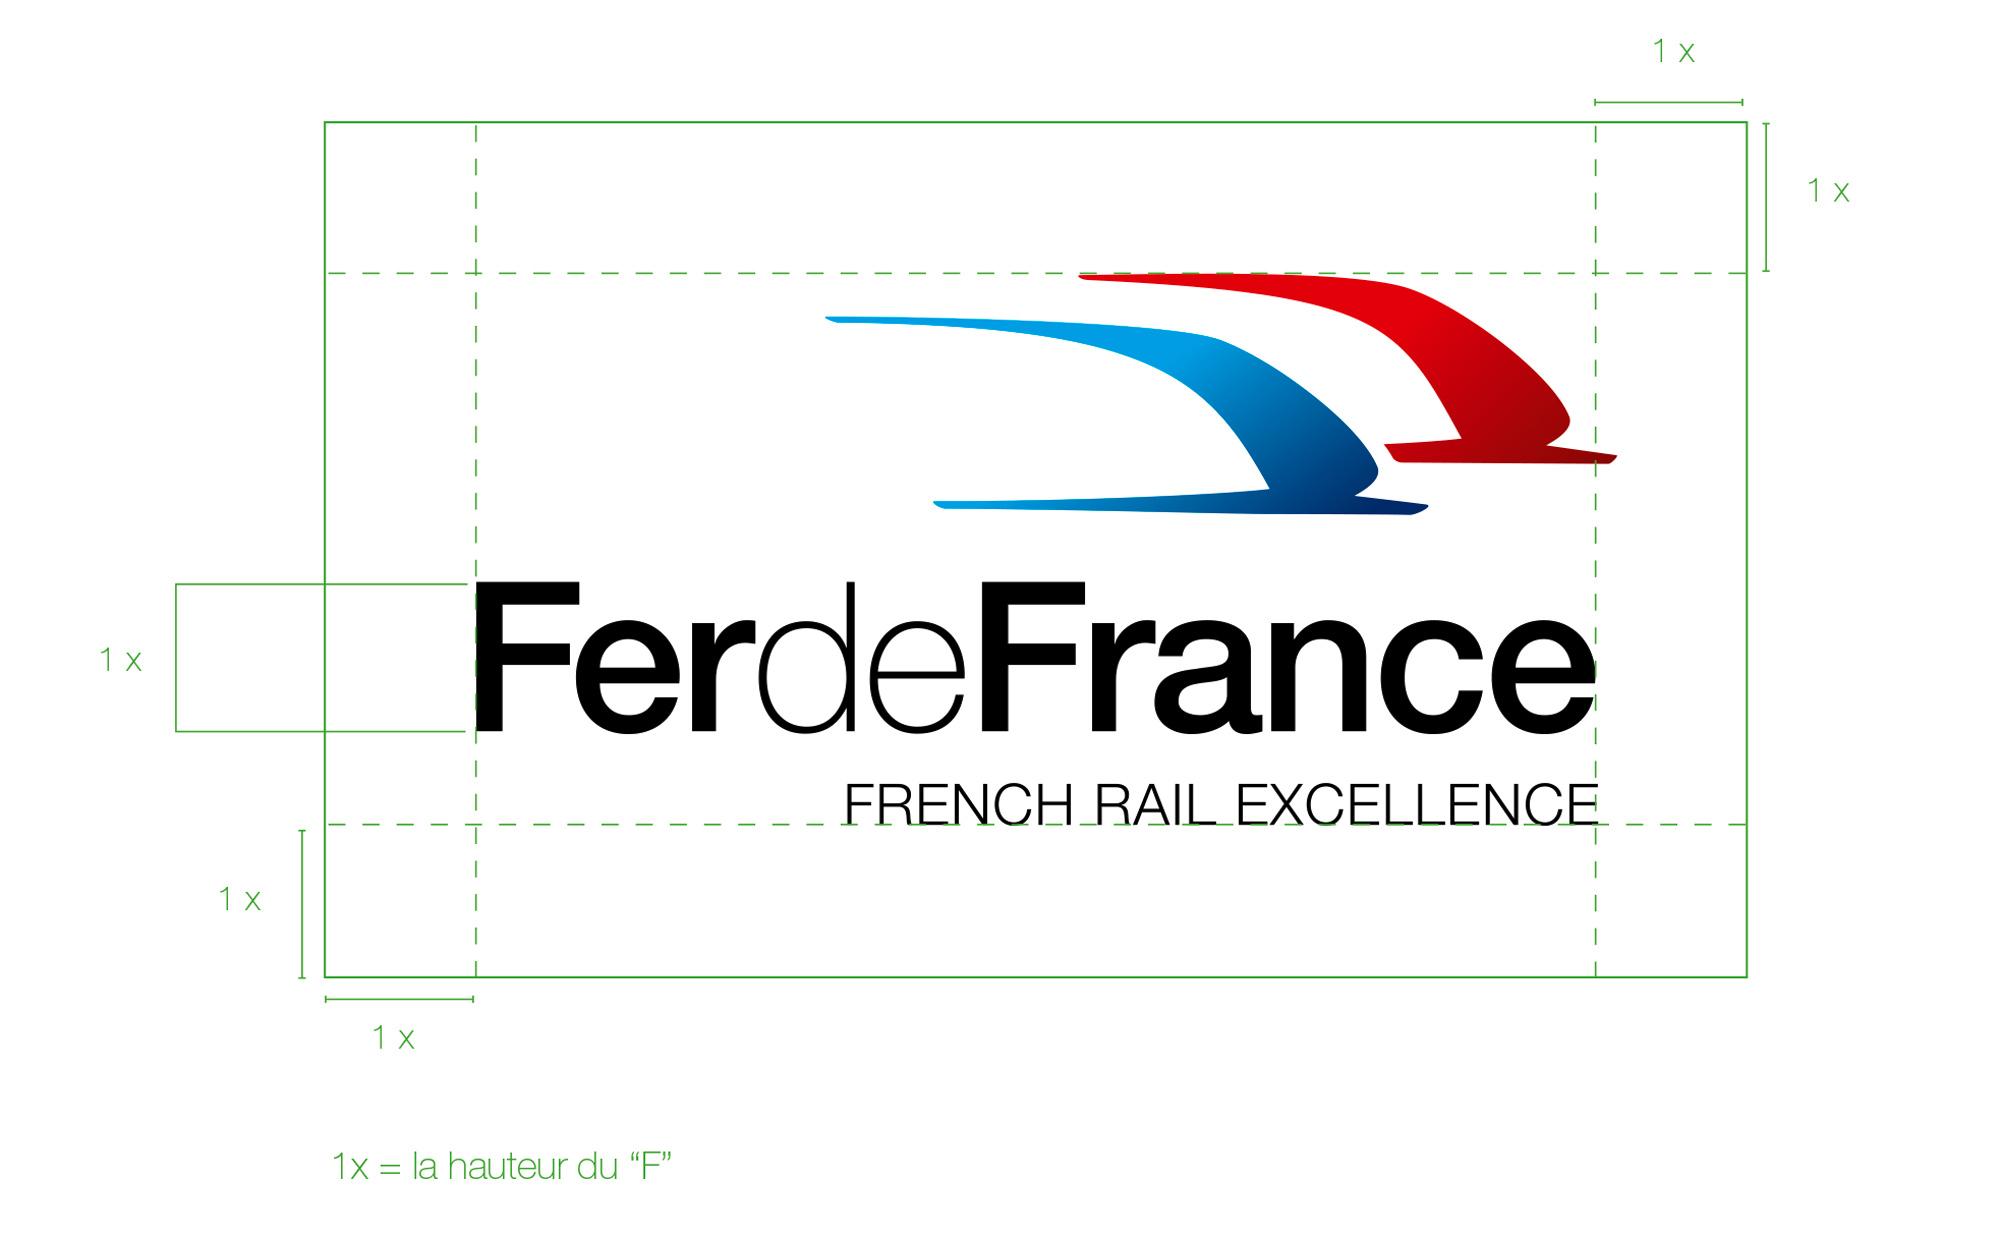 Périmètre de sécurité du logo Fer de France